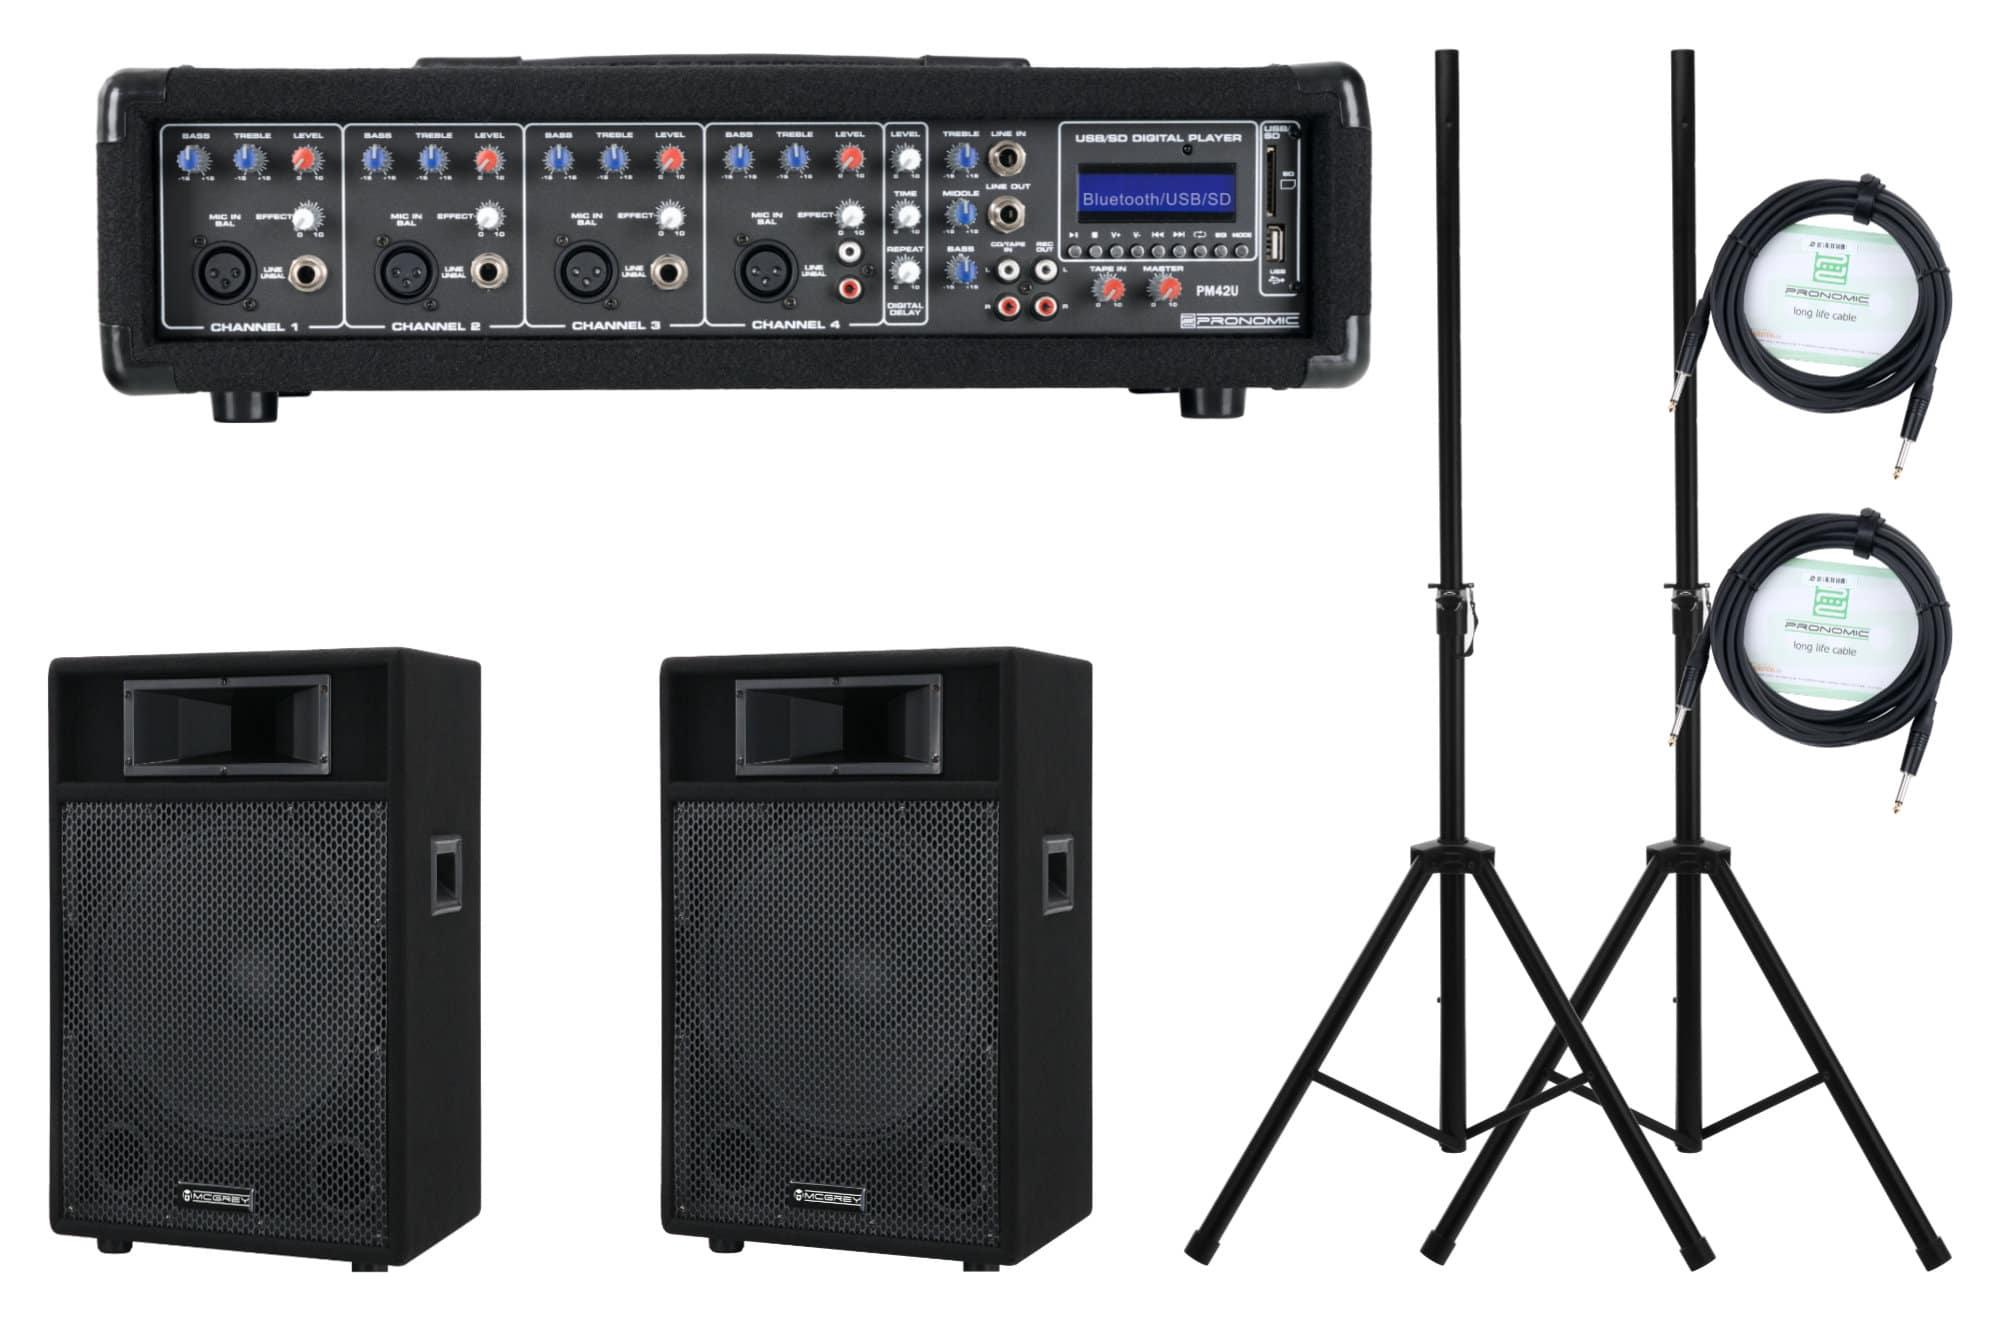 Boxenkomplettanlagen - Pronomic PM42 110 StagePower Set Aktivanlage - Onlineshop Musikhaus Kirstein